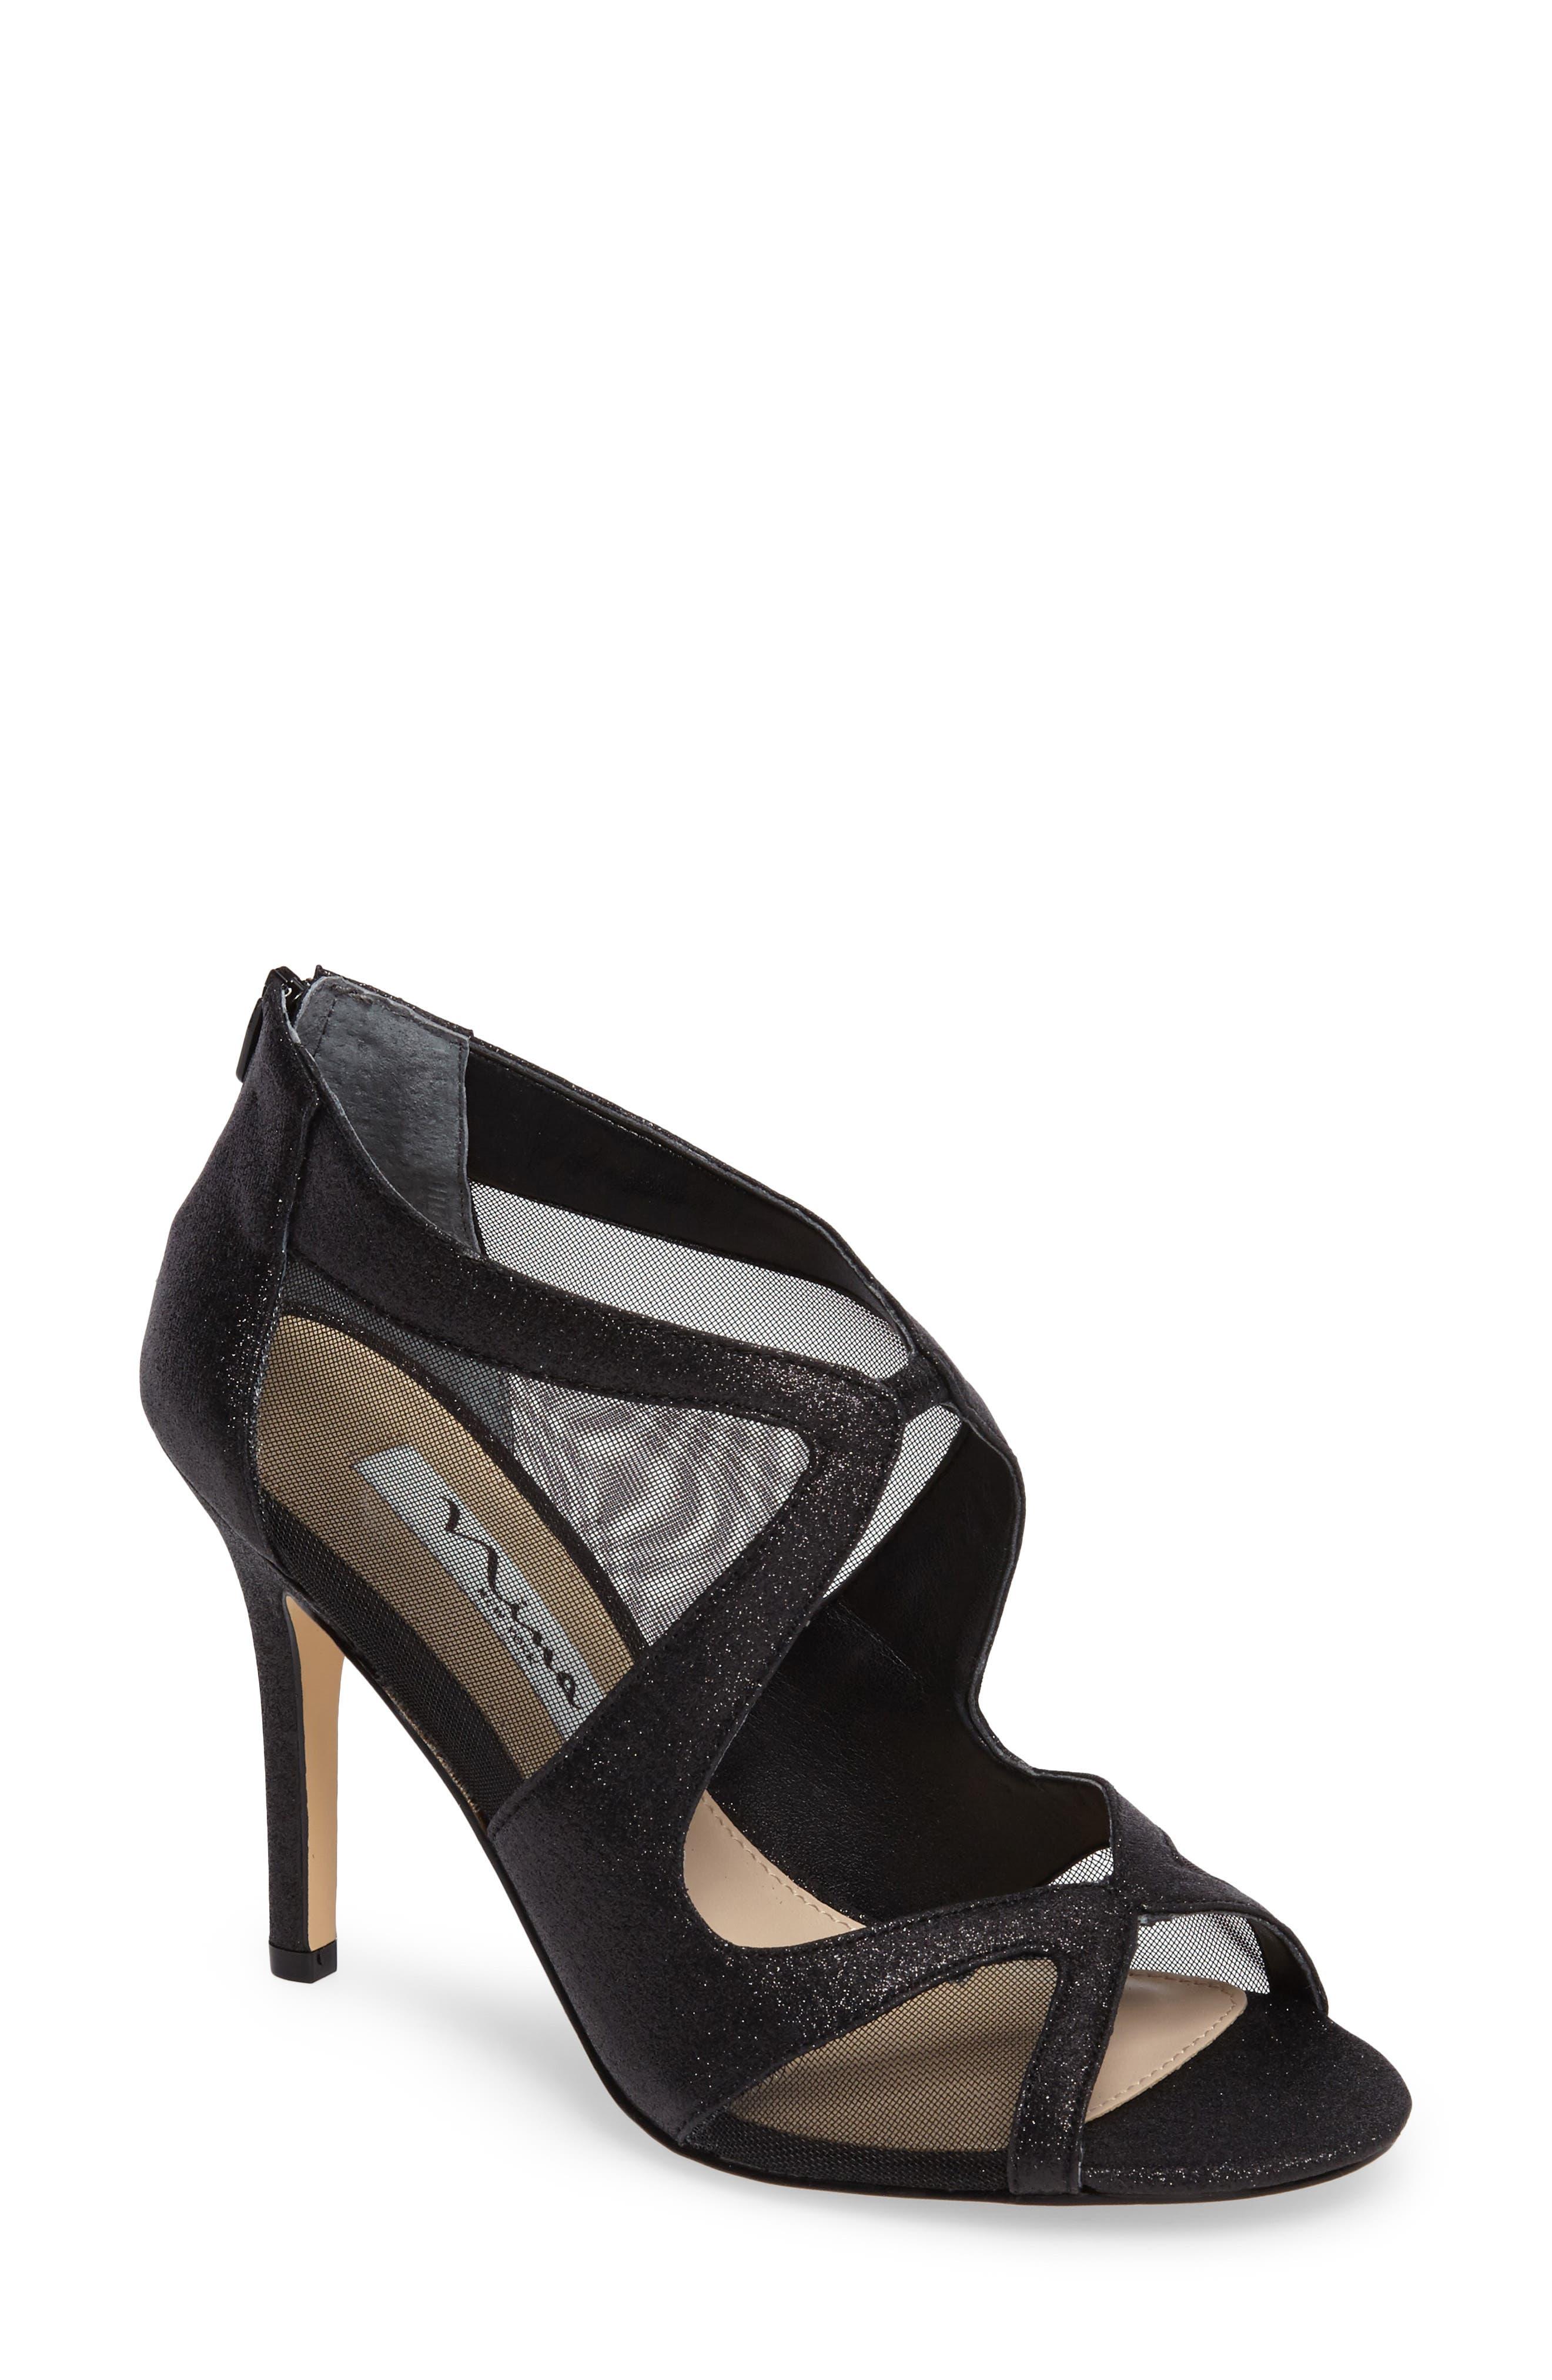 Cordella Open Toe Pump,                         Main,                         color, Black Glitter Fabric